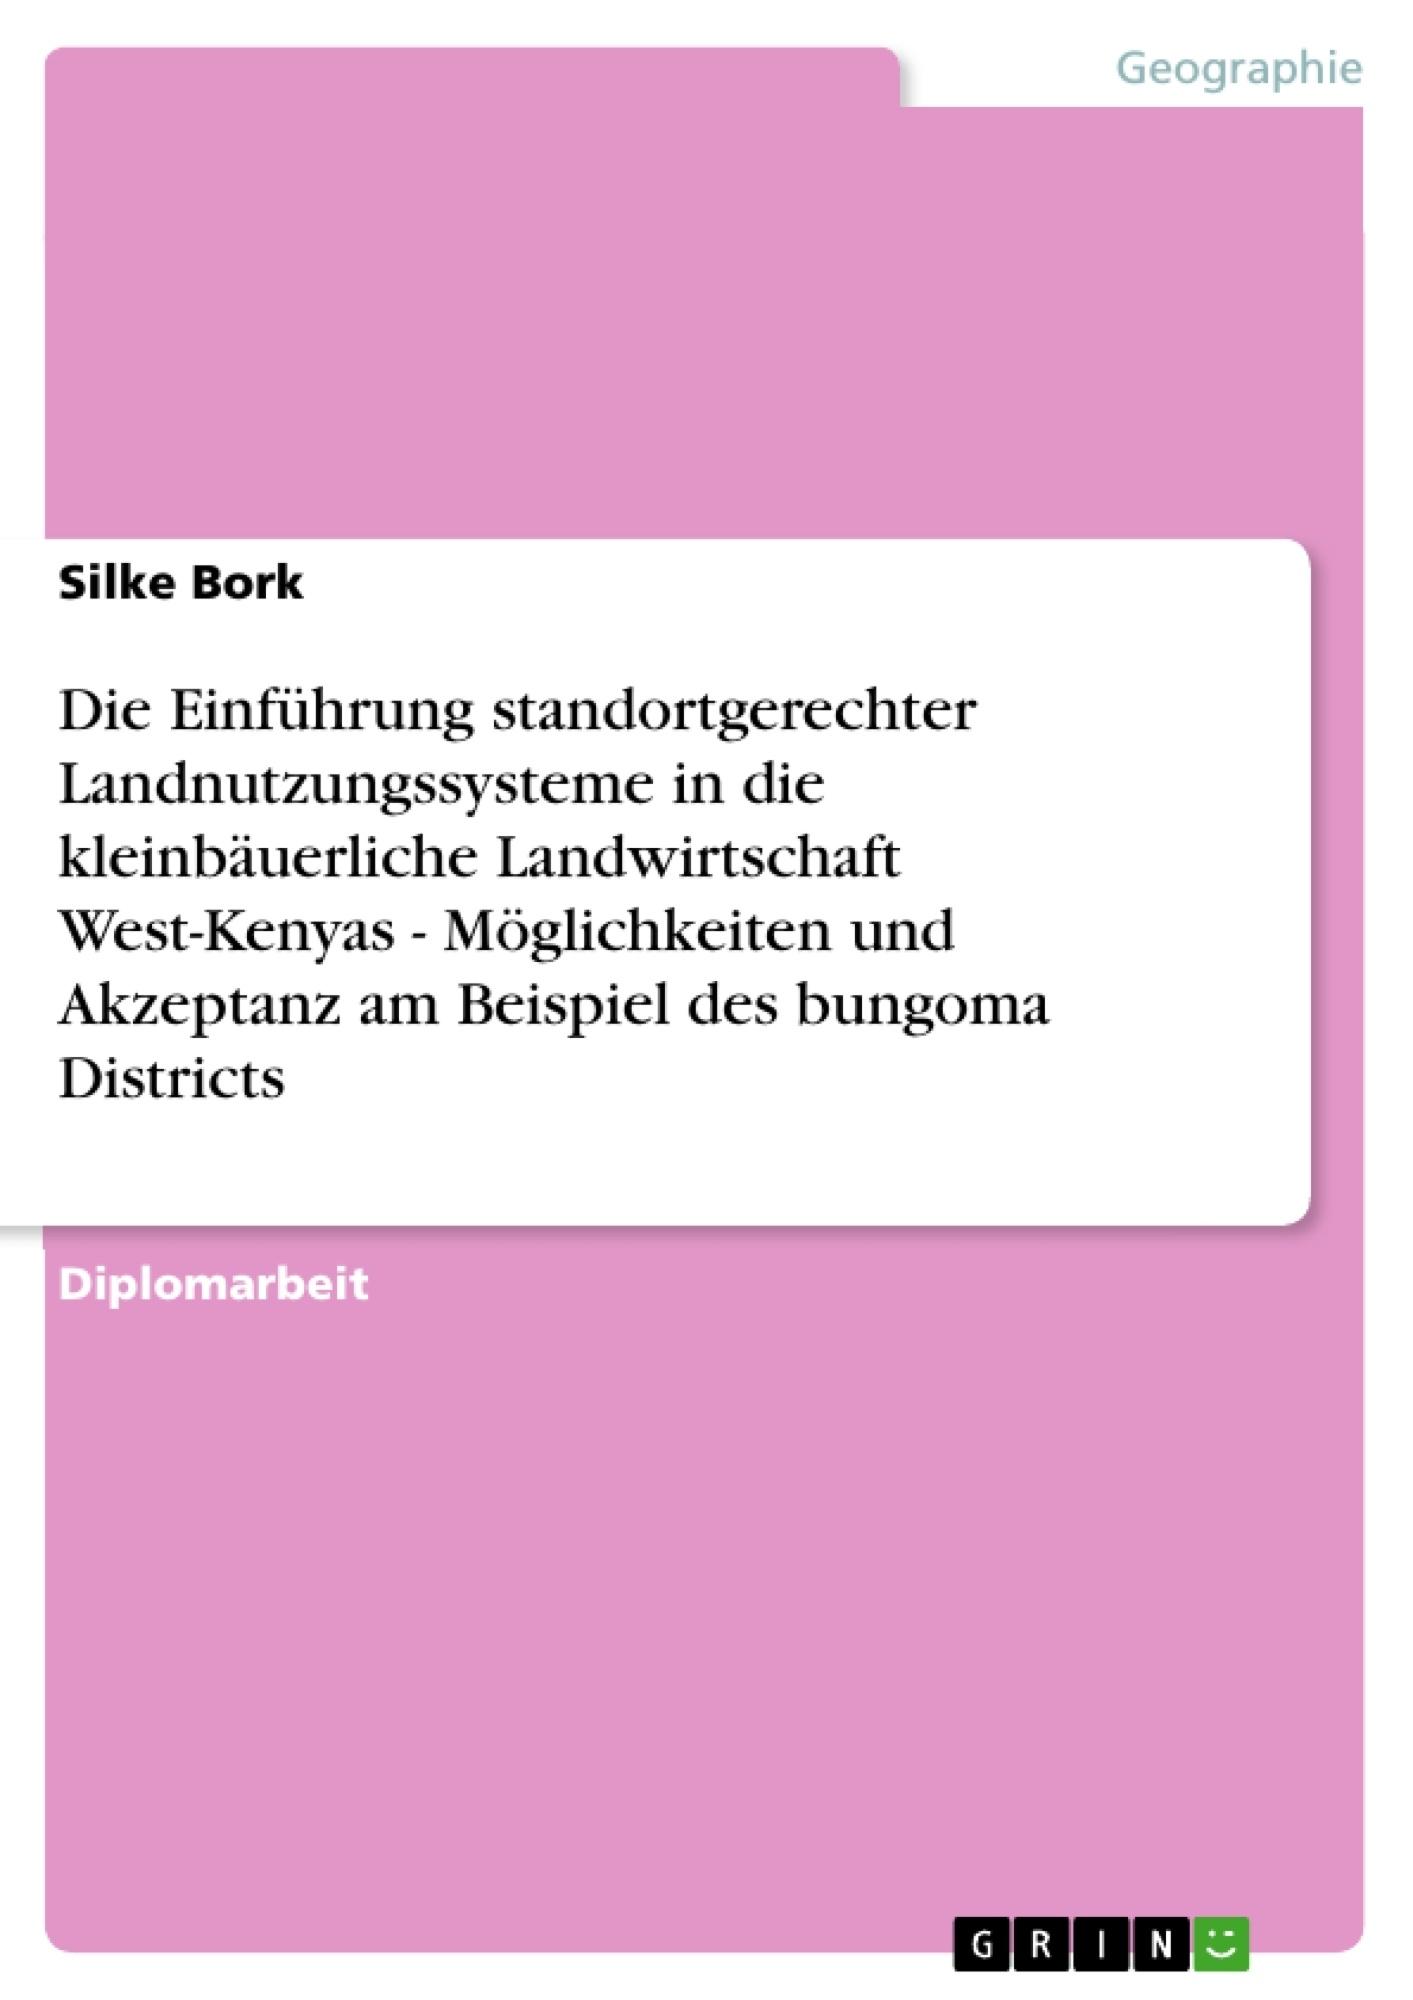 Titel: Die Einführung  standortgerechter  Landnutzungssysteme in die kleinbäuerliche Landwirtschaft West-Kenyas - Möglichkeiten und Akzeptanz am Beispiel des bungoma Districts